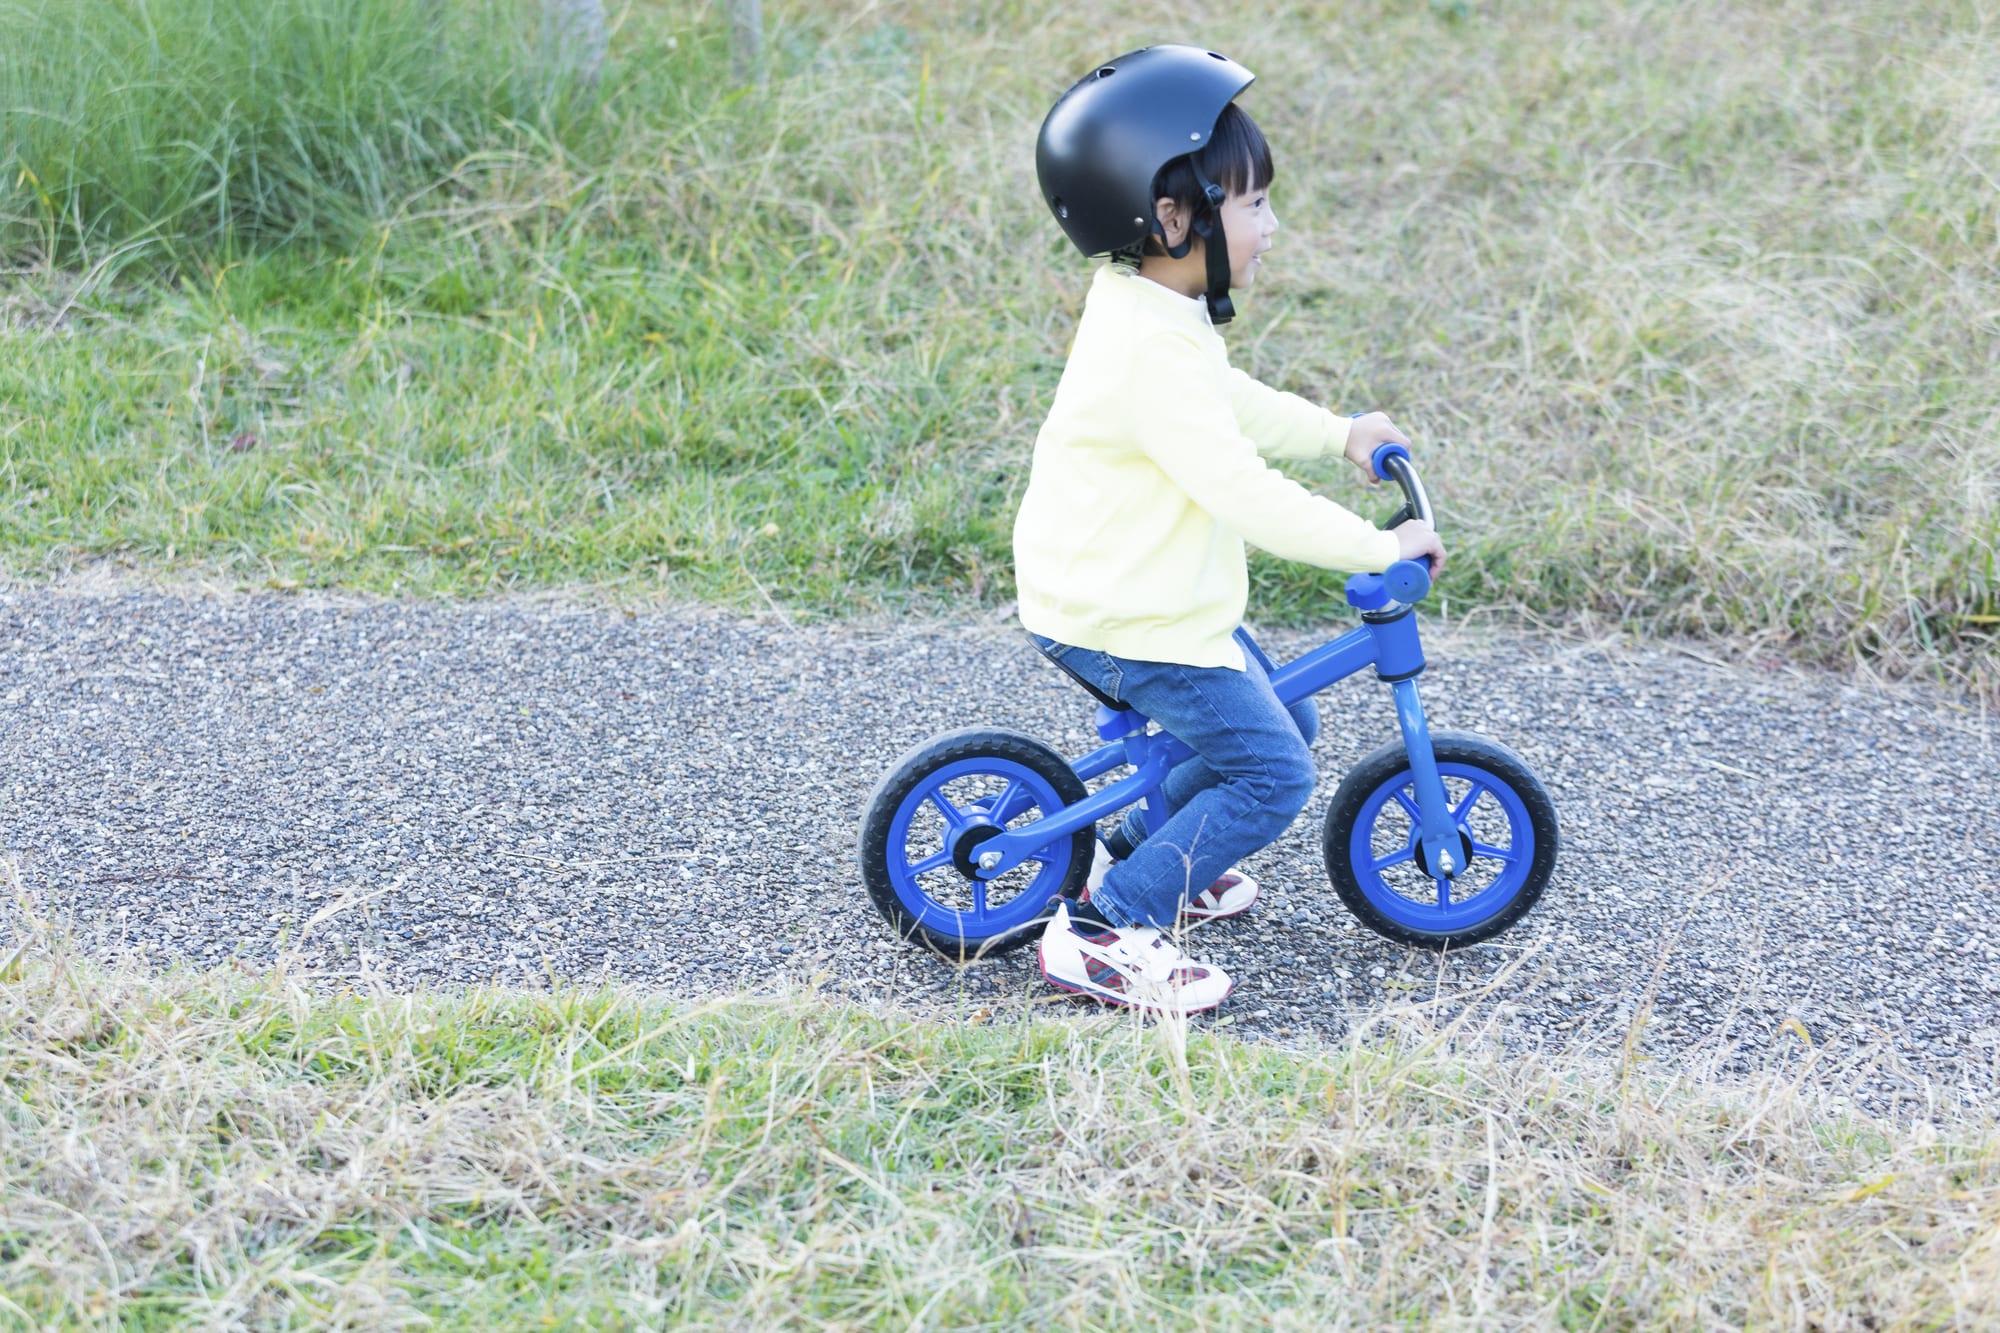 ストライダーに安全に乗るためにはヘルメットが必要